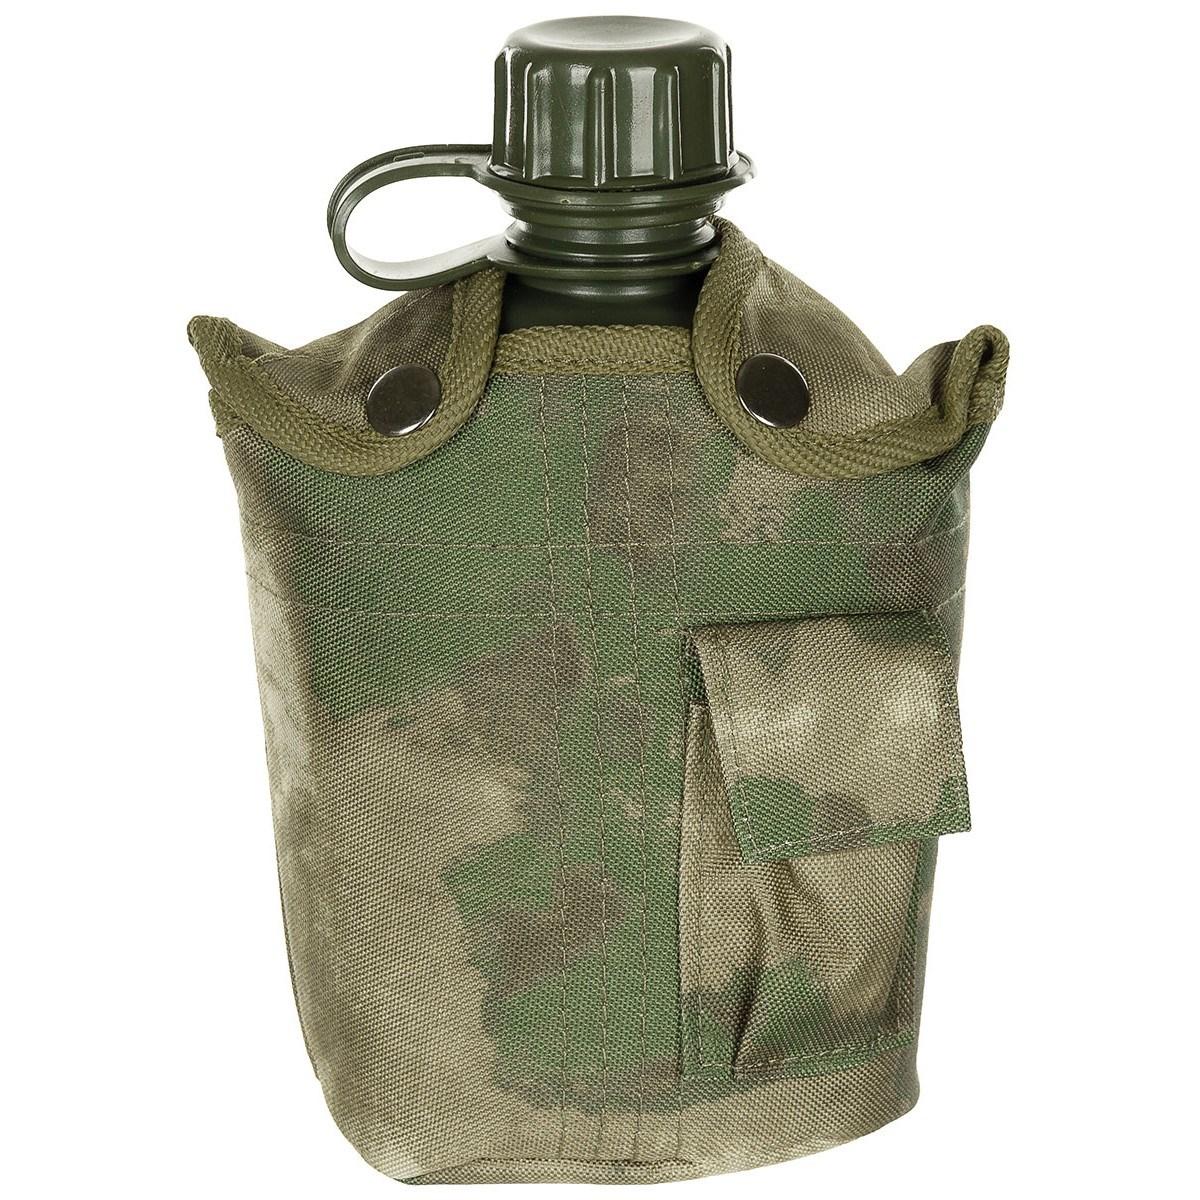 Láhev polní US nylonový potah 1L HDT-camo FG - zvìtšit obrázek